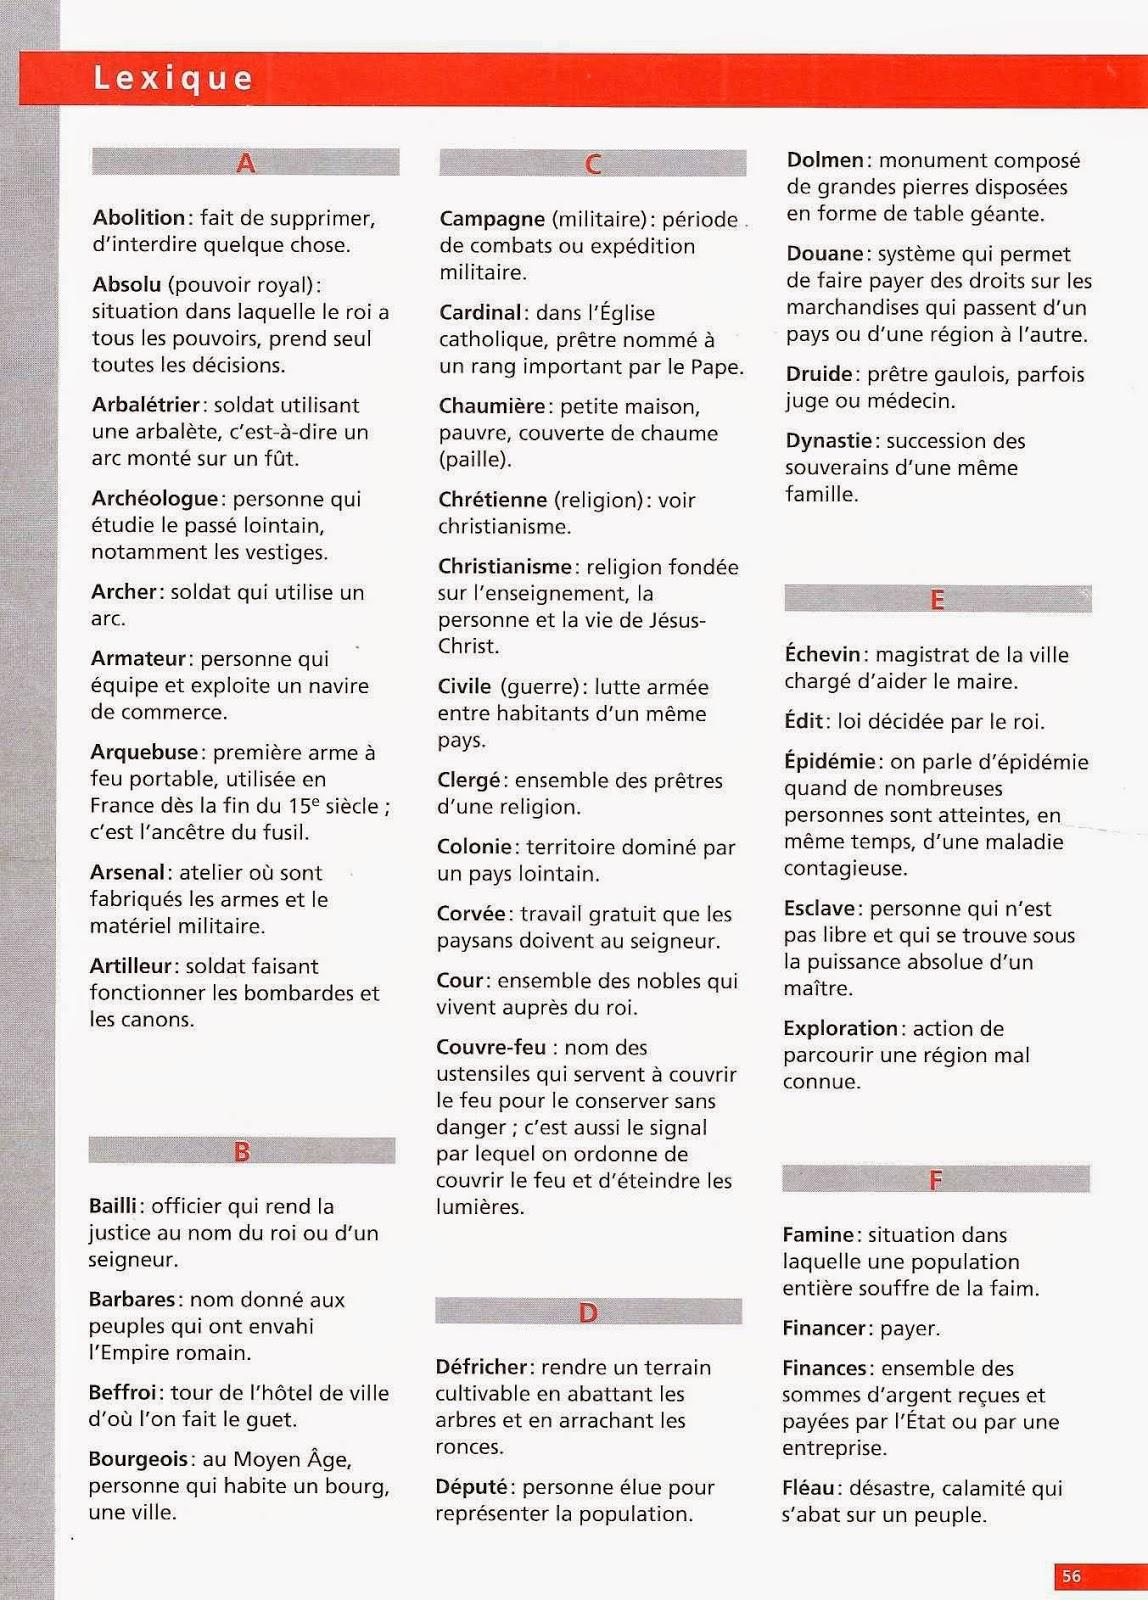 frise chronologique histoire de france pdf